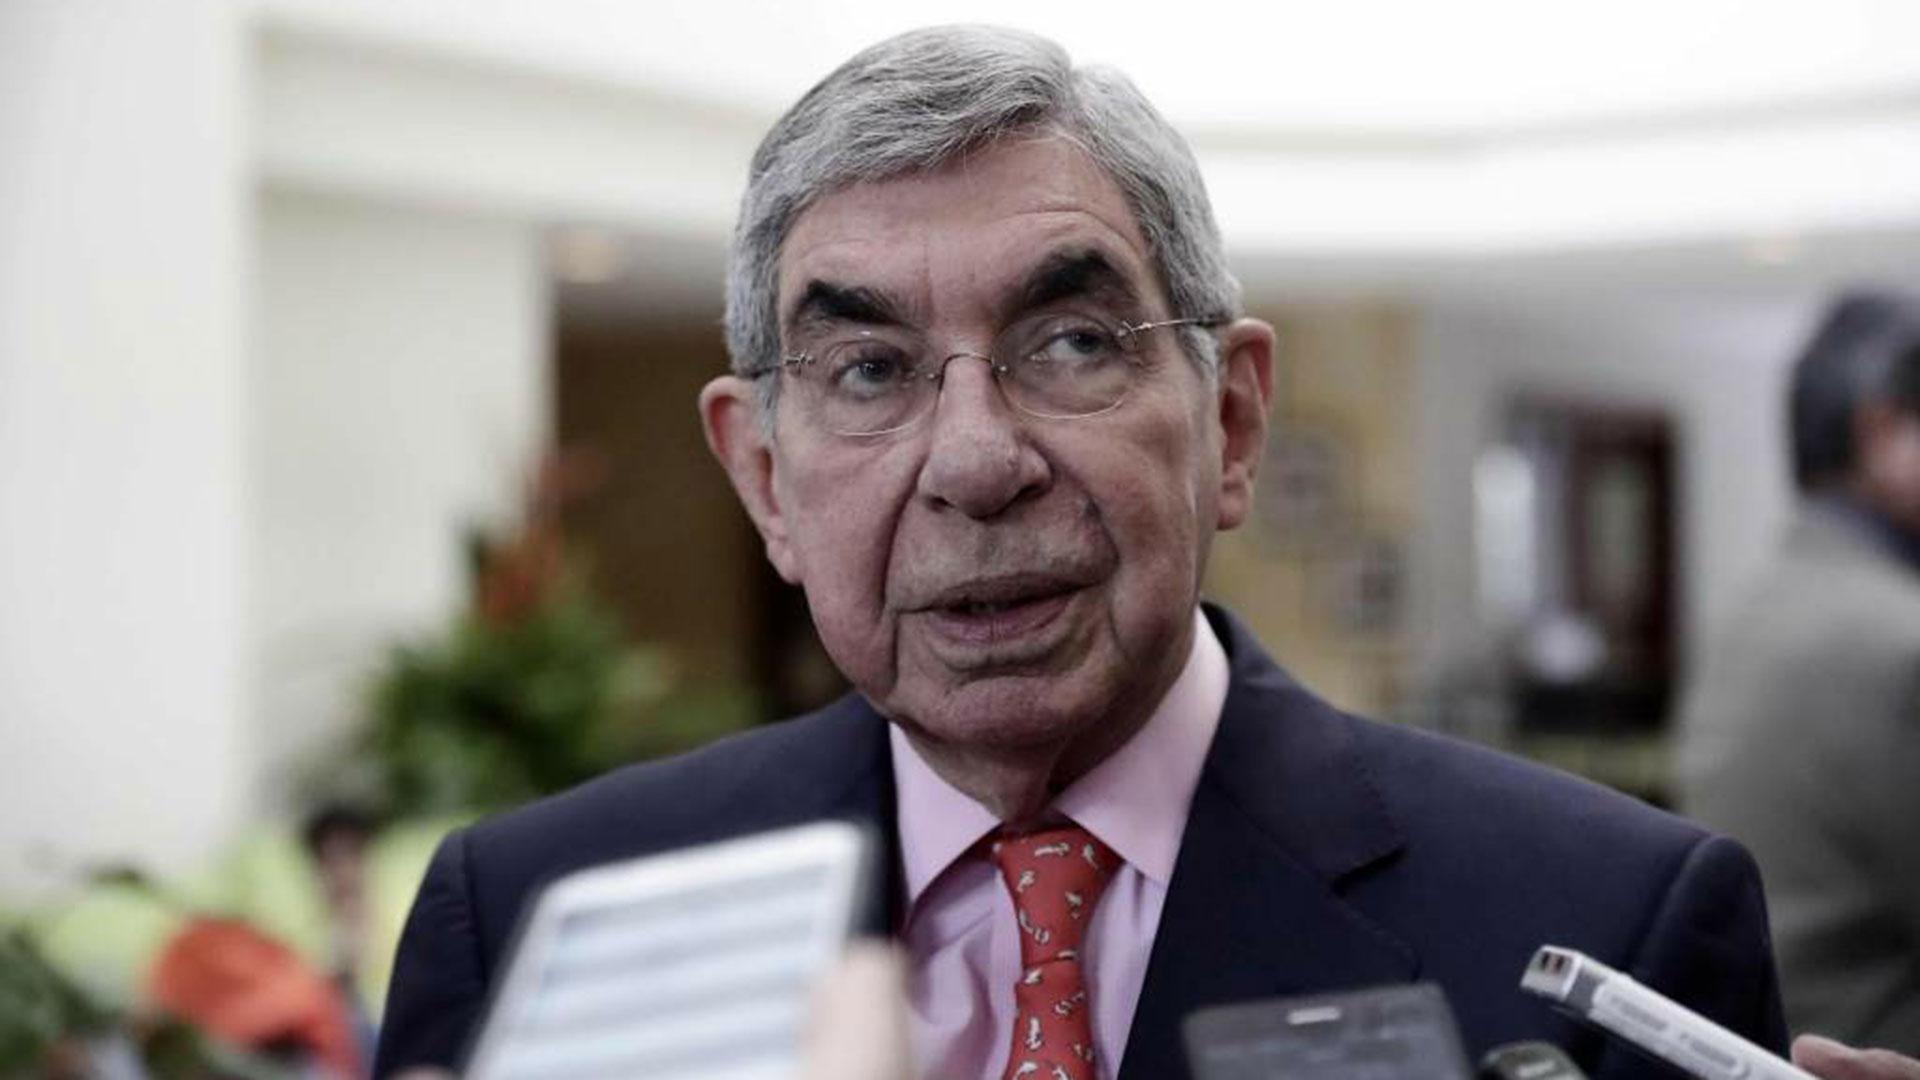 Óscar Arias, ex presidente de Costa Rica y Premio Nobel de la Paz, es acusado de acoso sexual